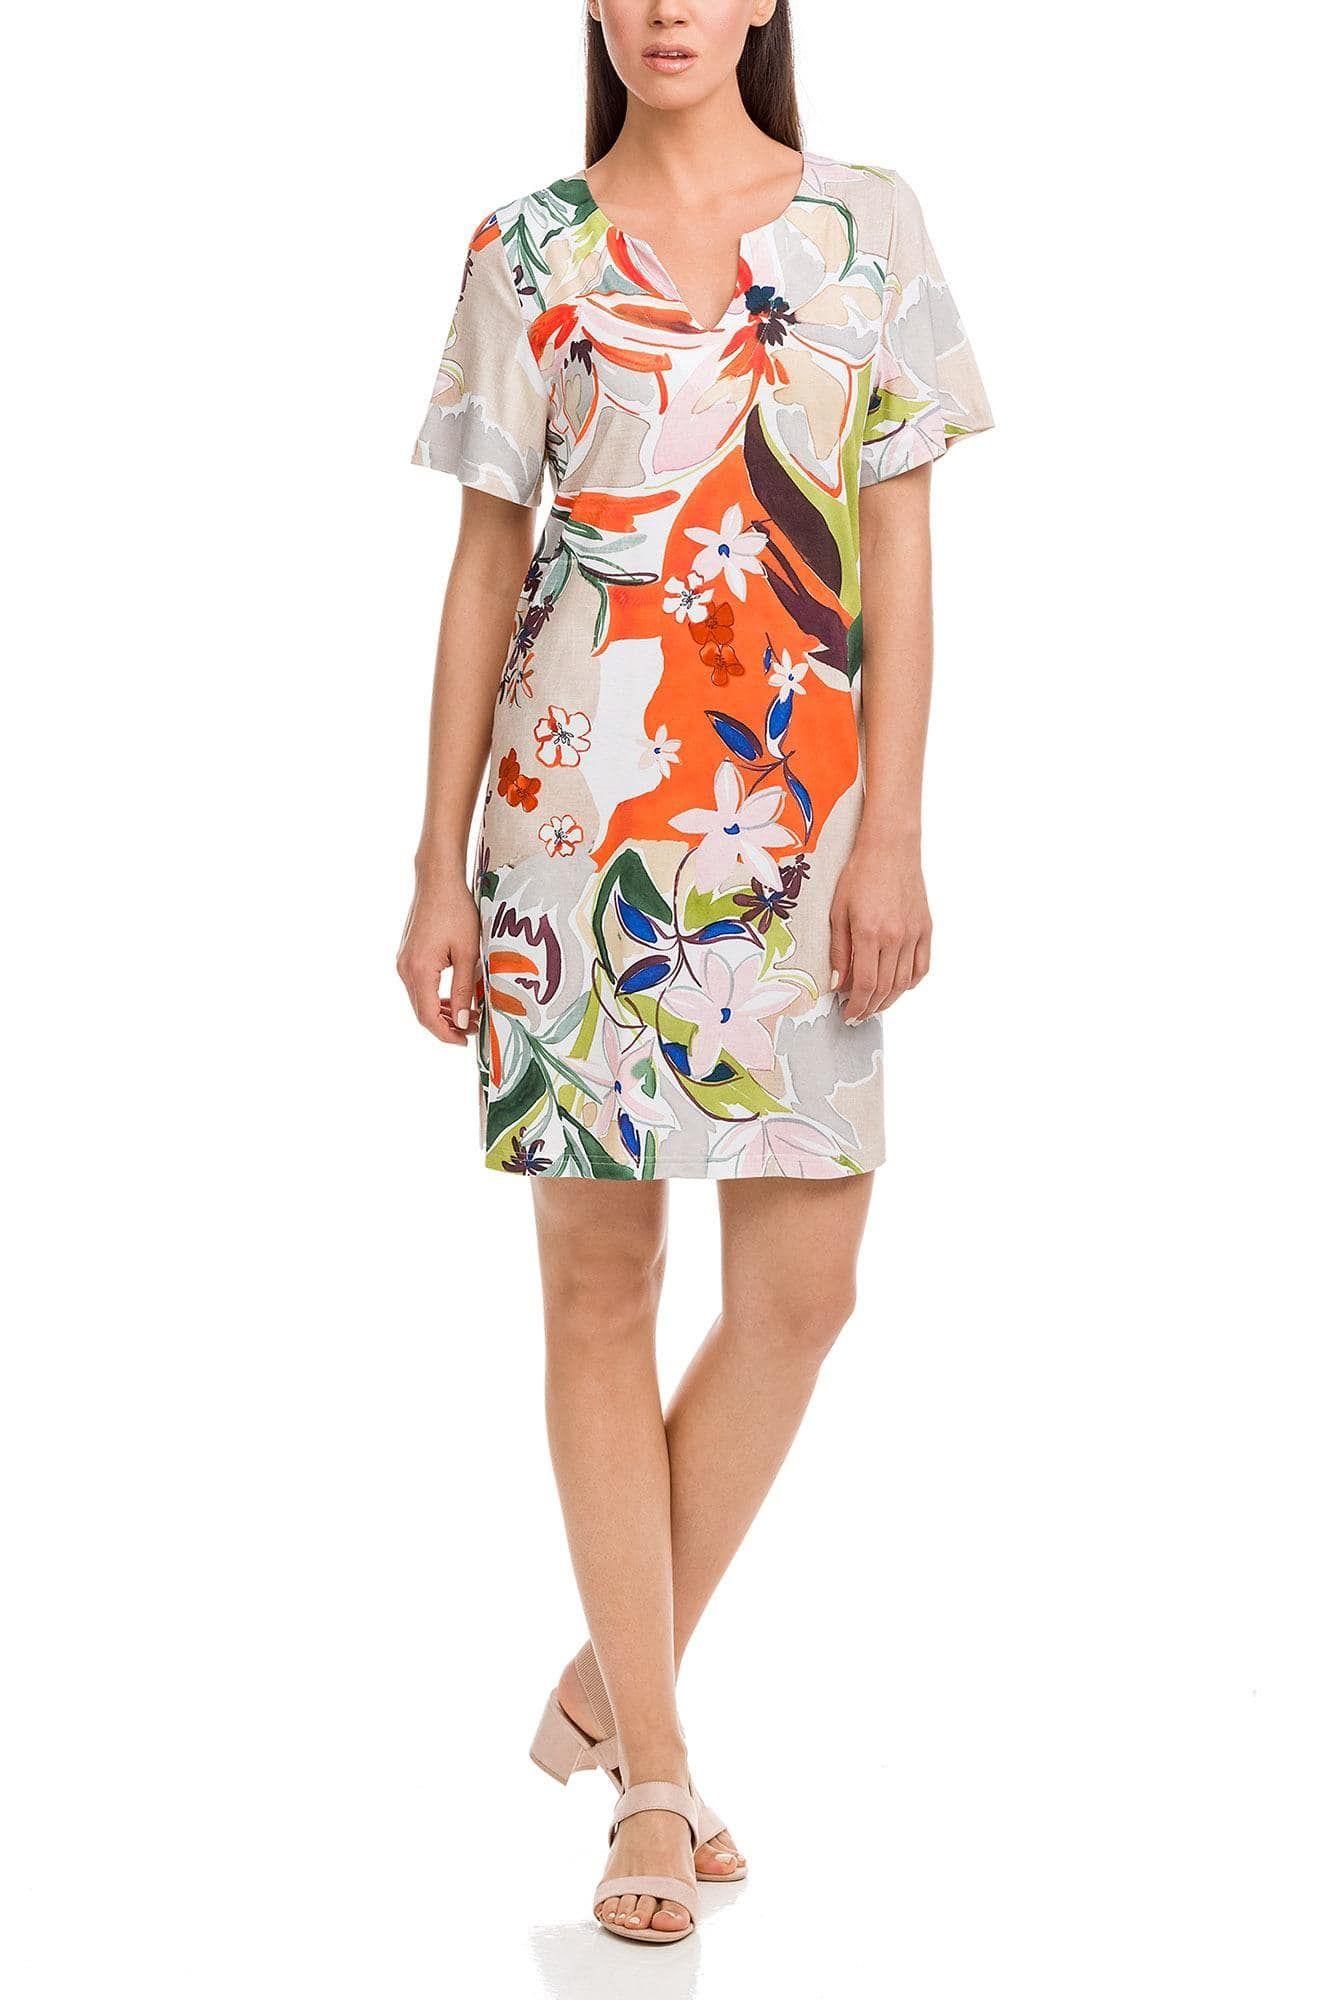 Φόρεμα Παραλίας Hippy